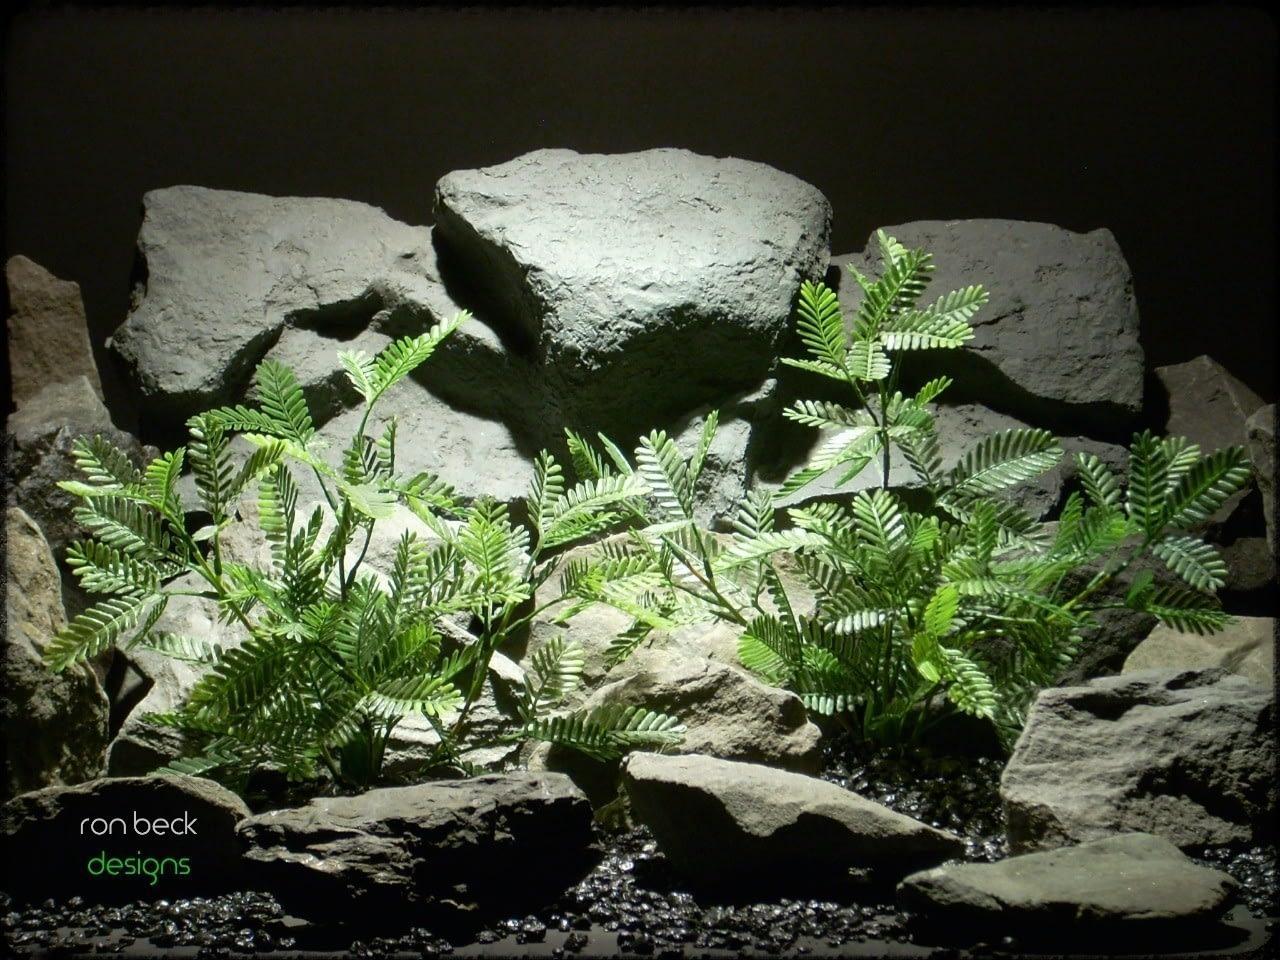 artificial aquarium plant: mimosa bushes custom order ron beck designs